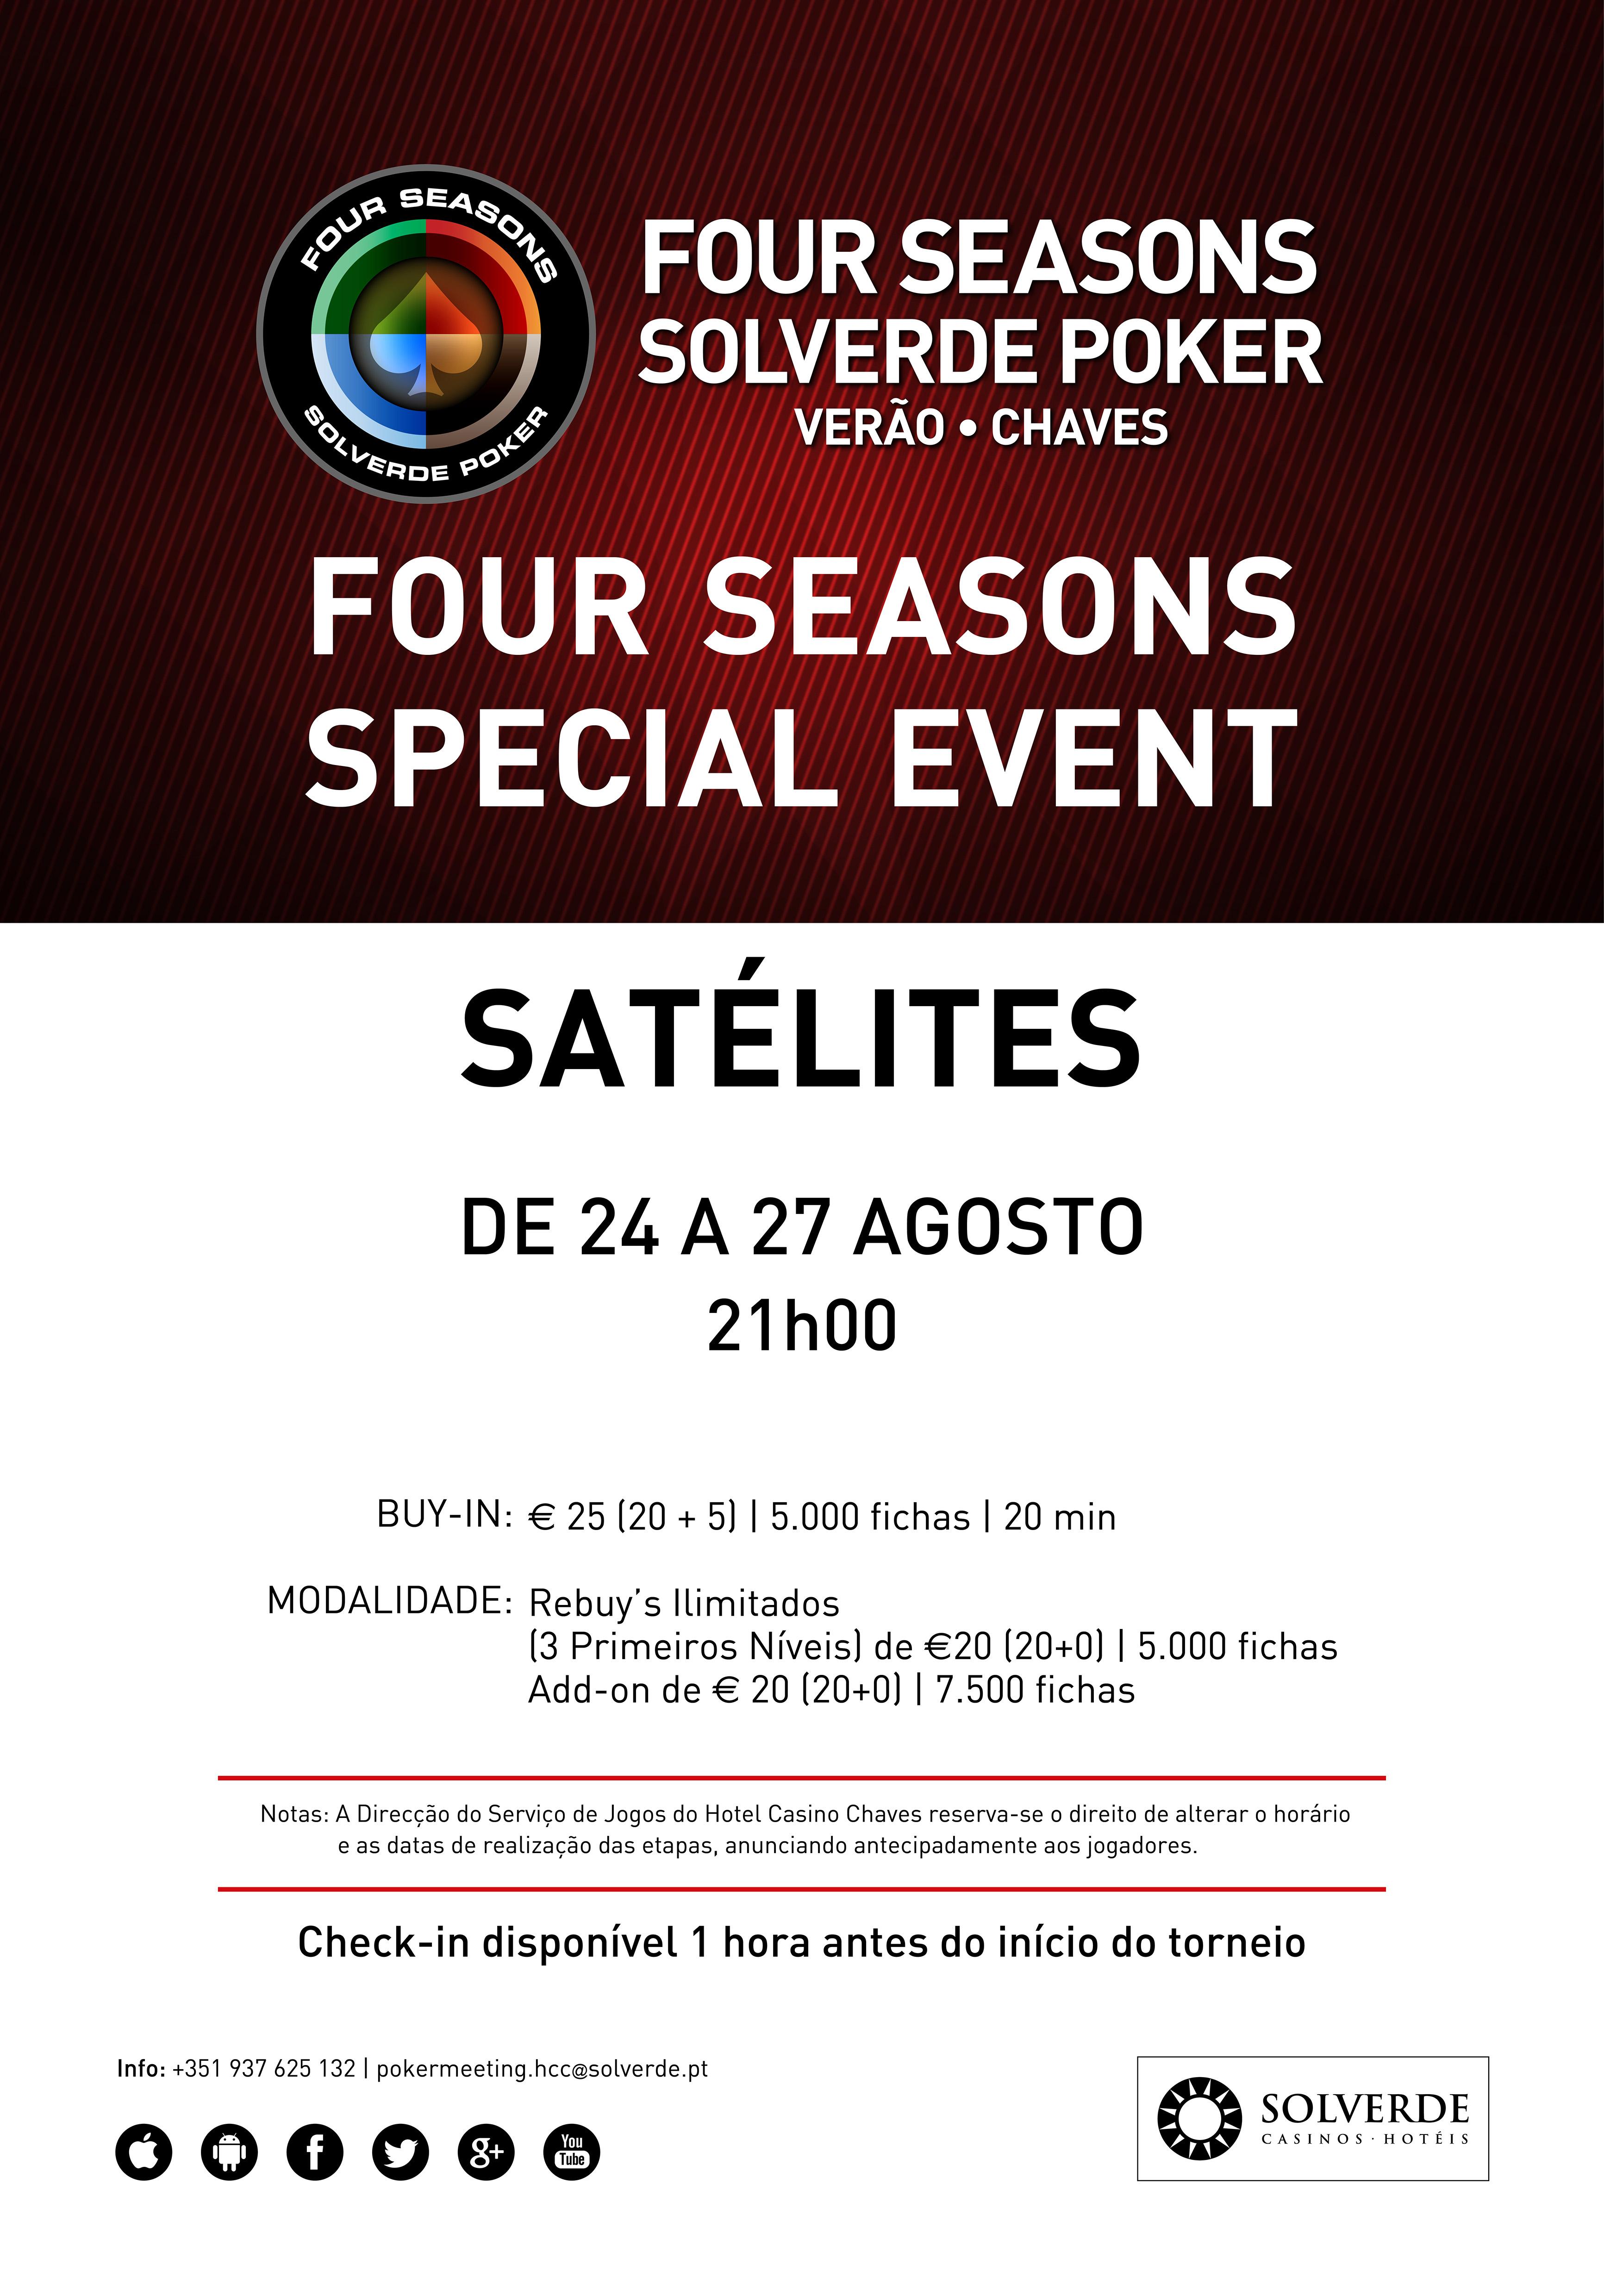 Satélites Four Seasons Special Event Chaves Arrancam Hoje (24 Agosto) 102